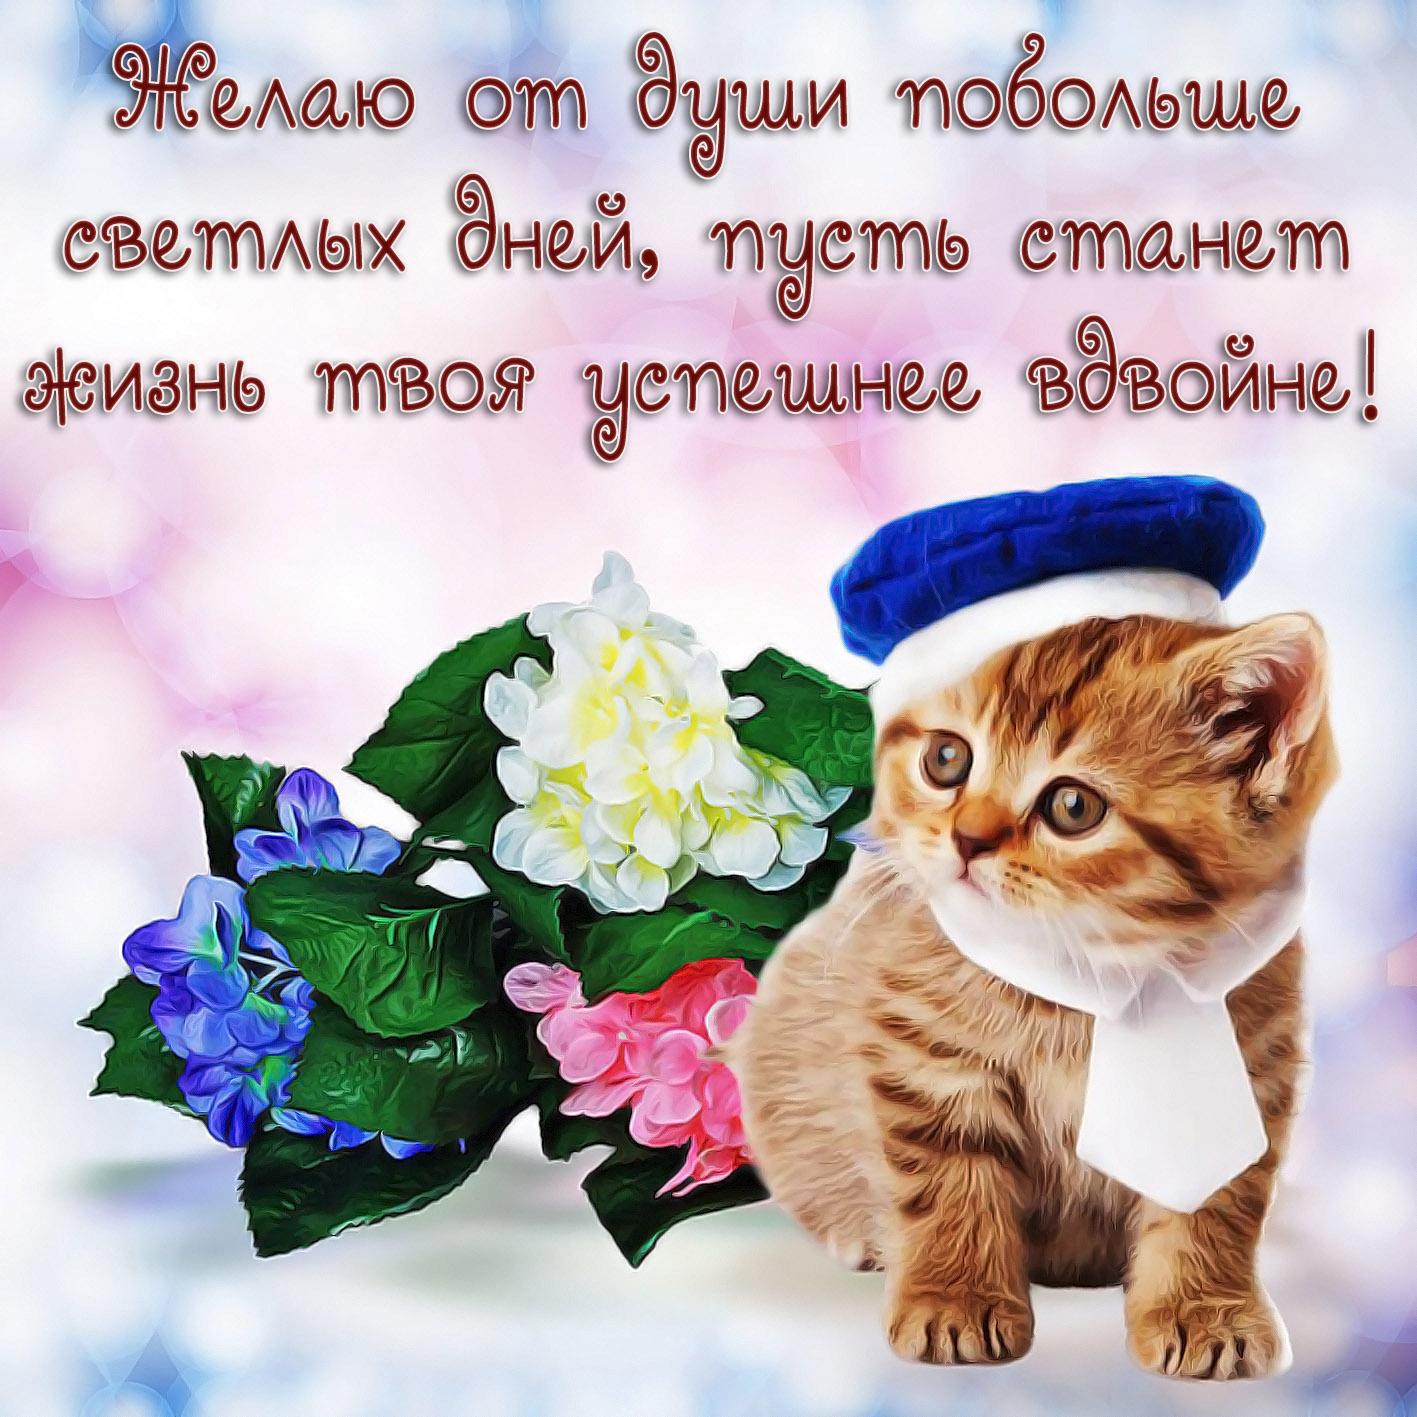 Открытка с пожеланием - котик в шапочке и цветочки